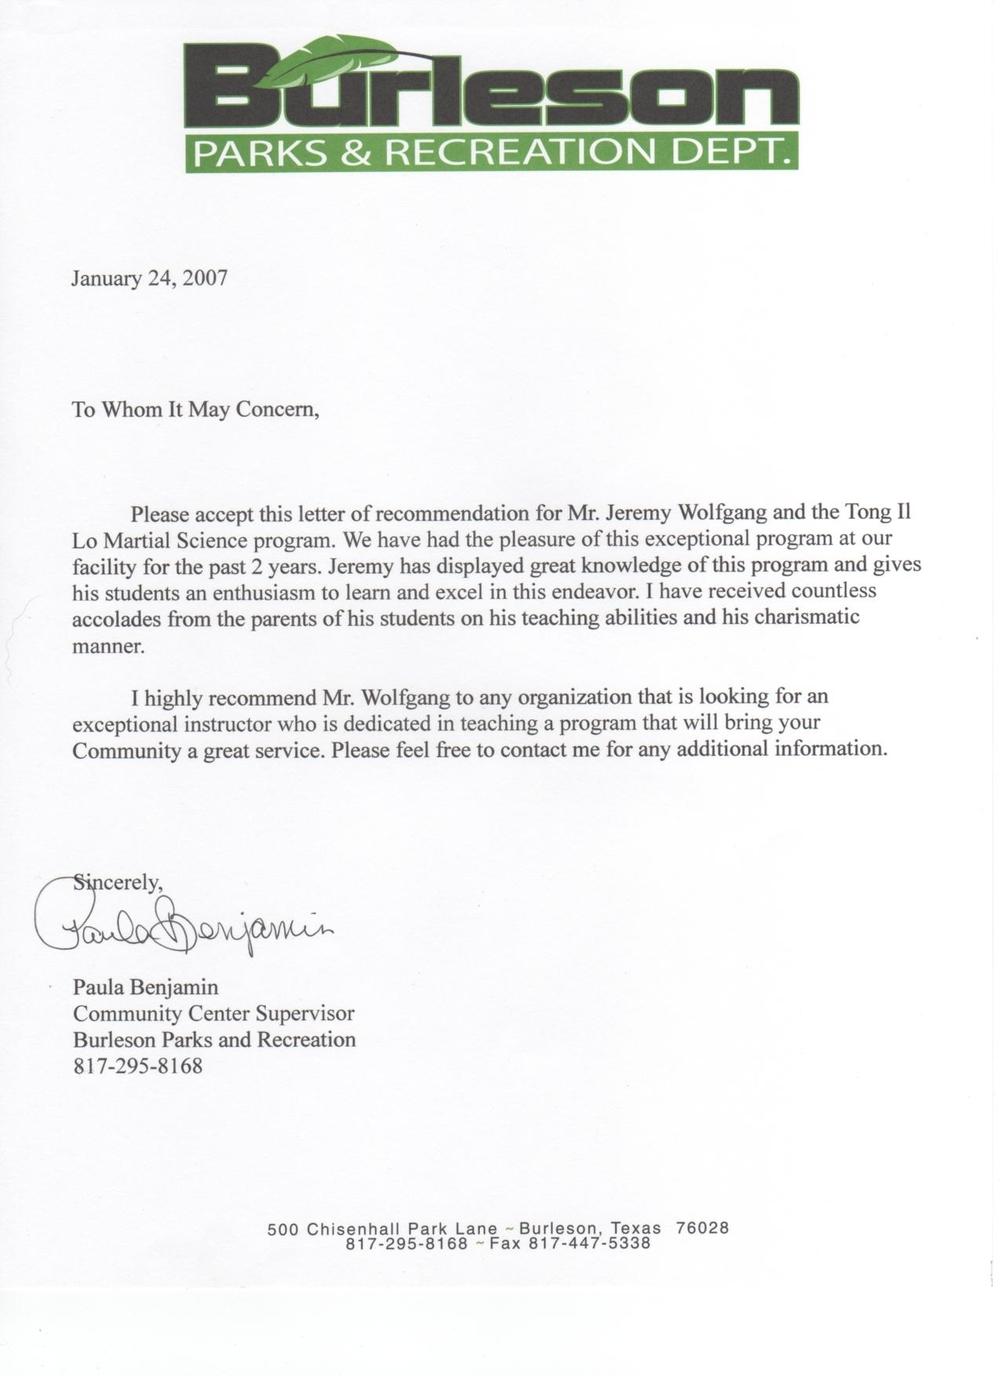 Burleson Recommendation Letter.JPG